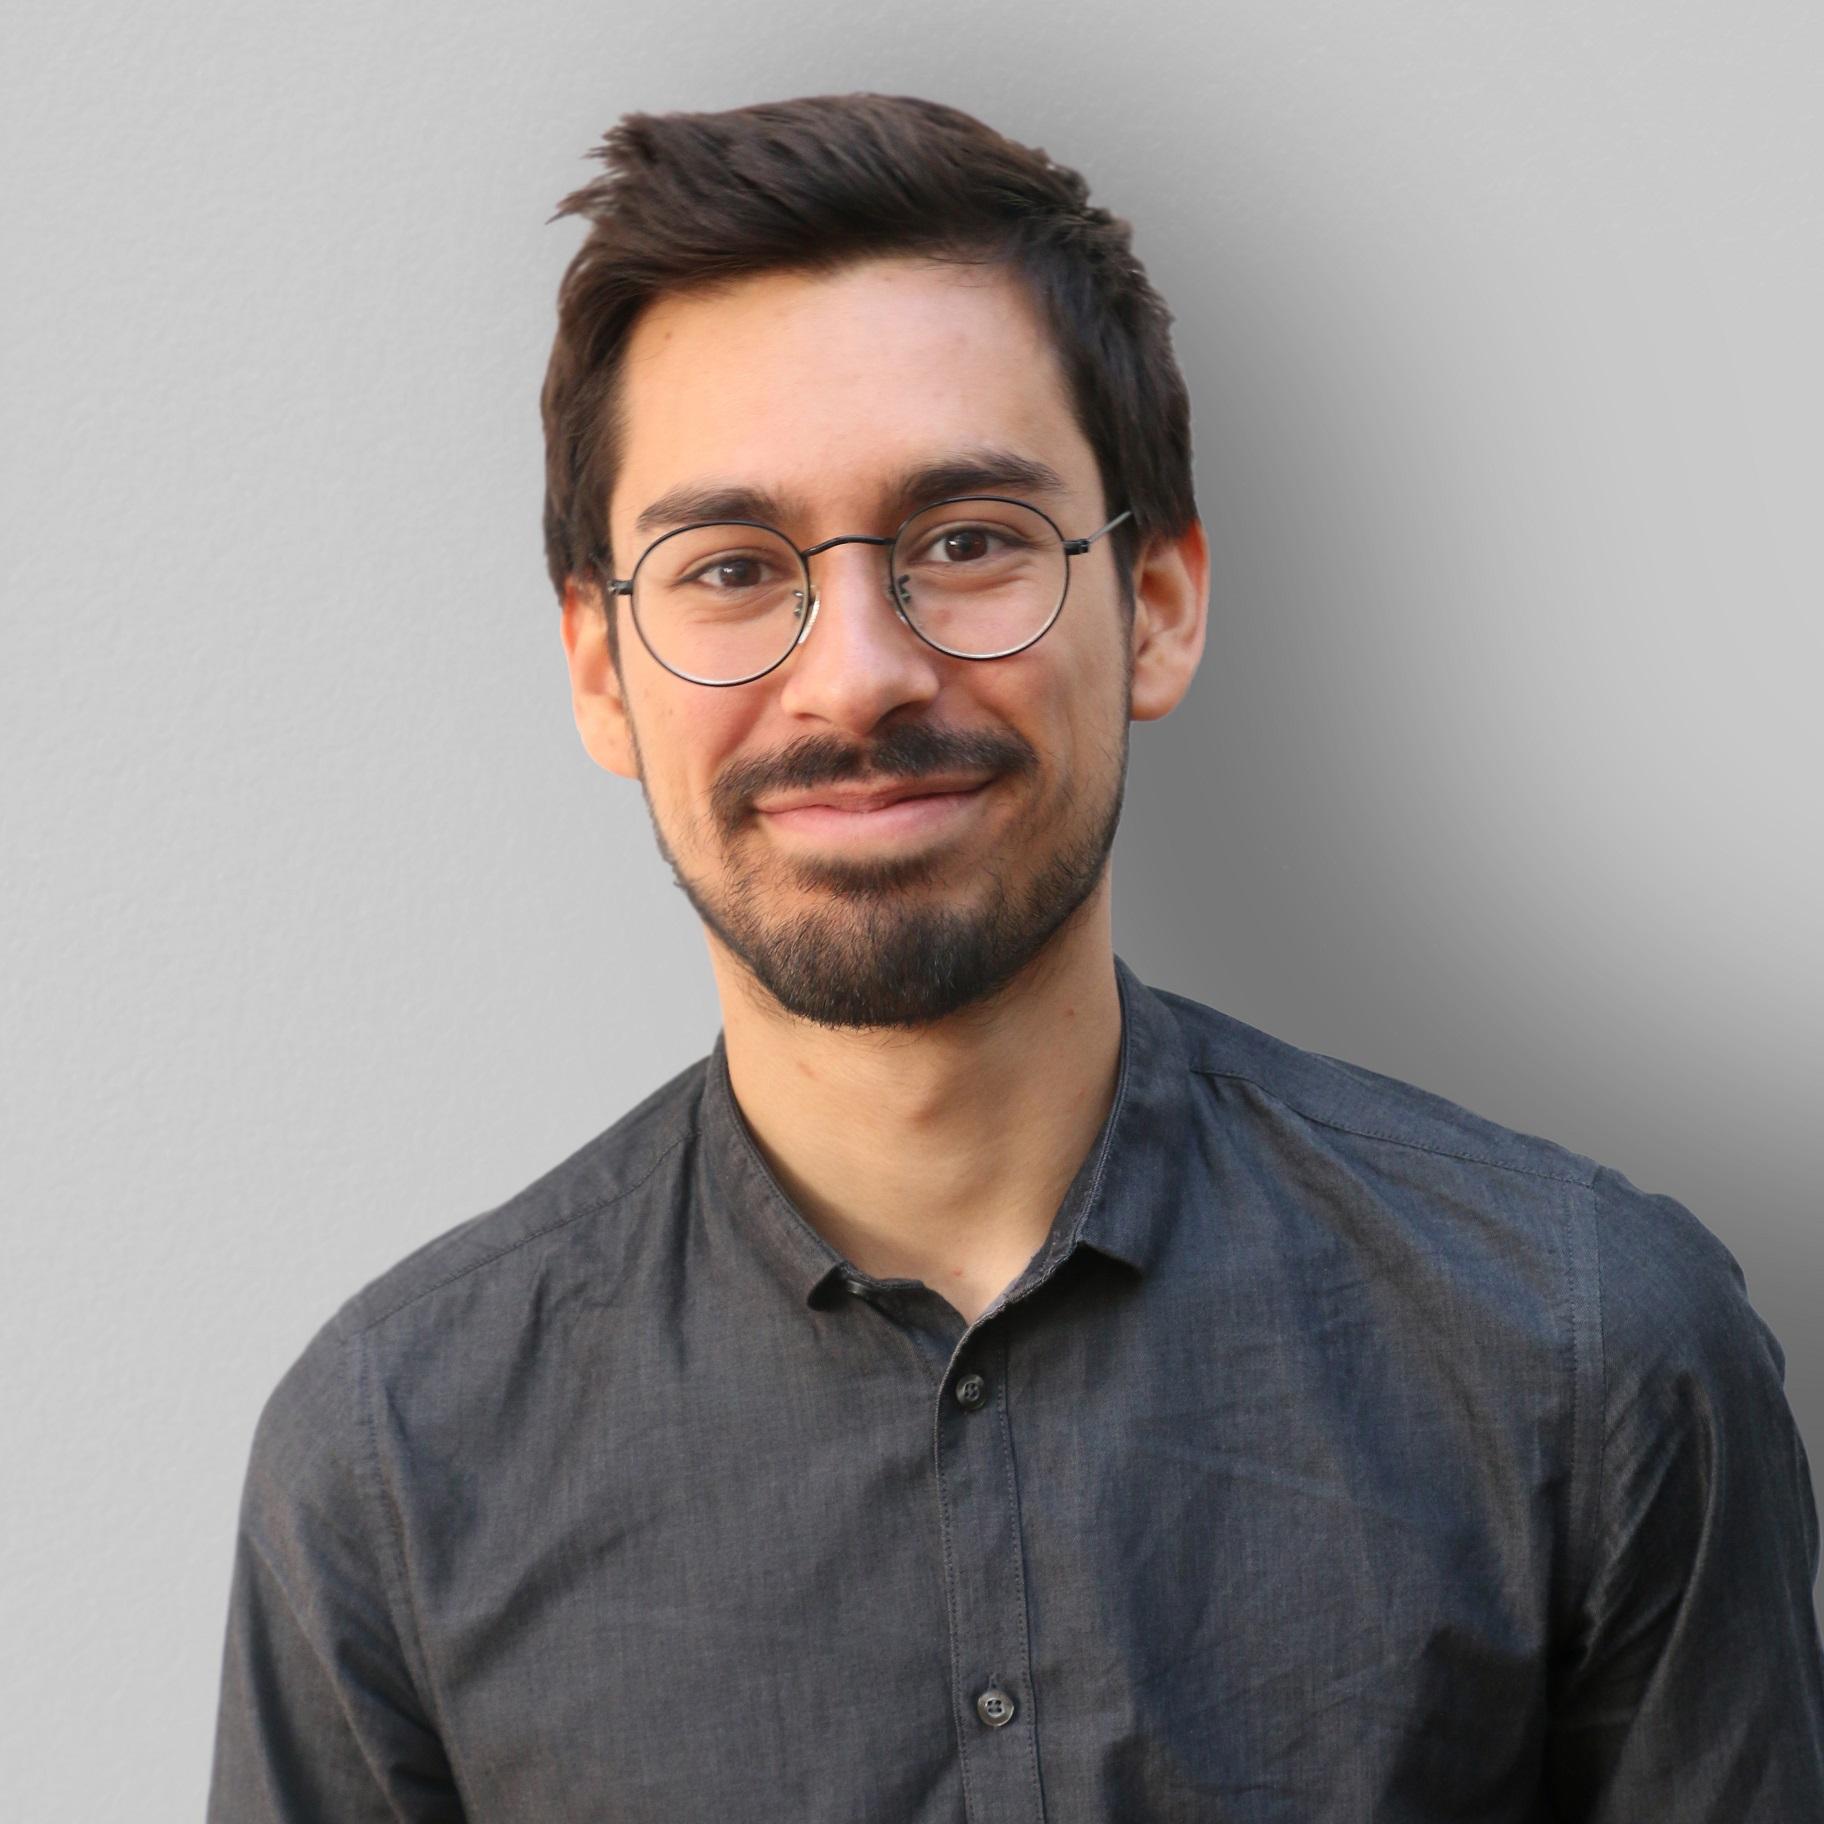 Sébastien Conrado